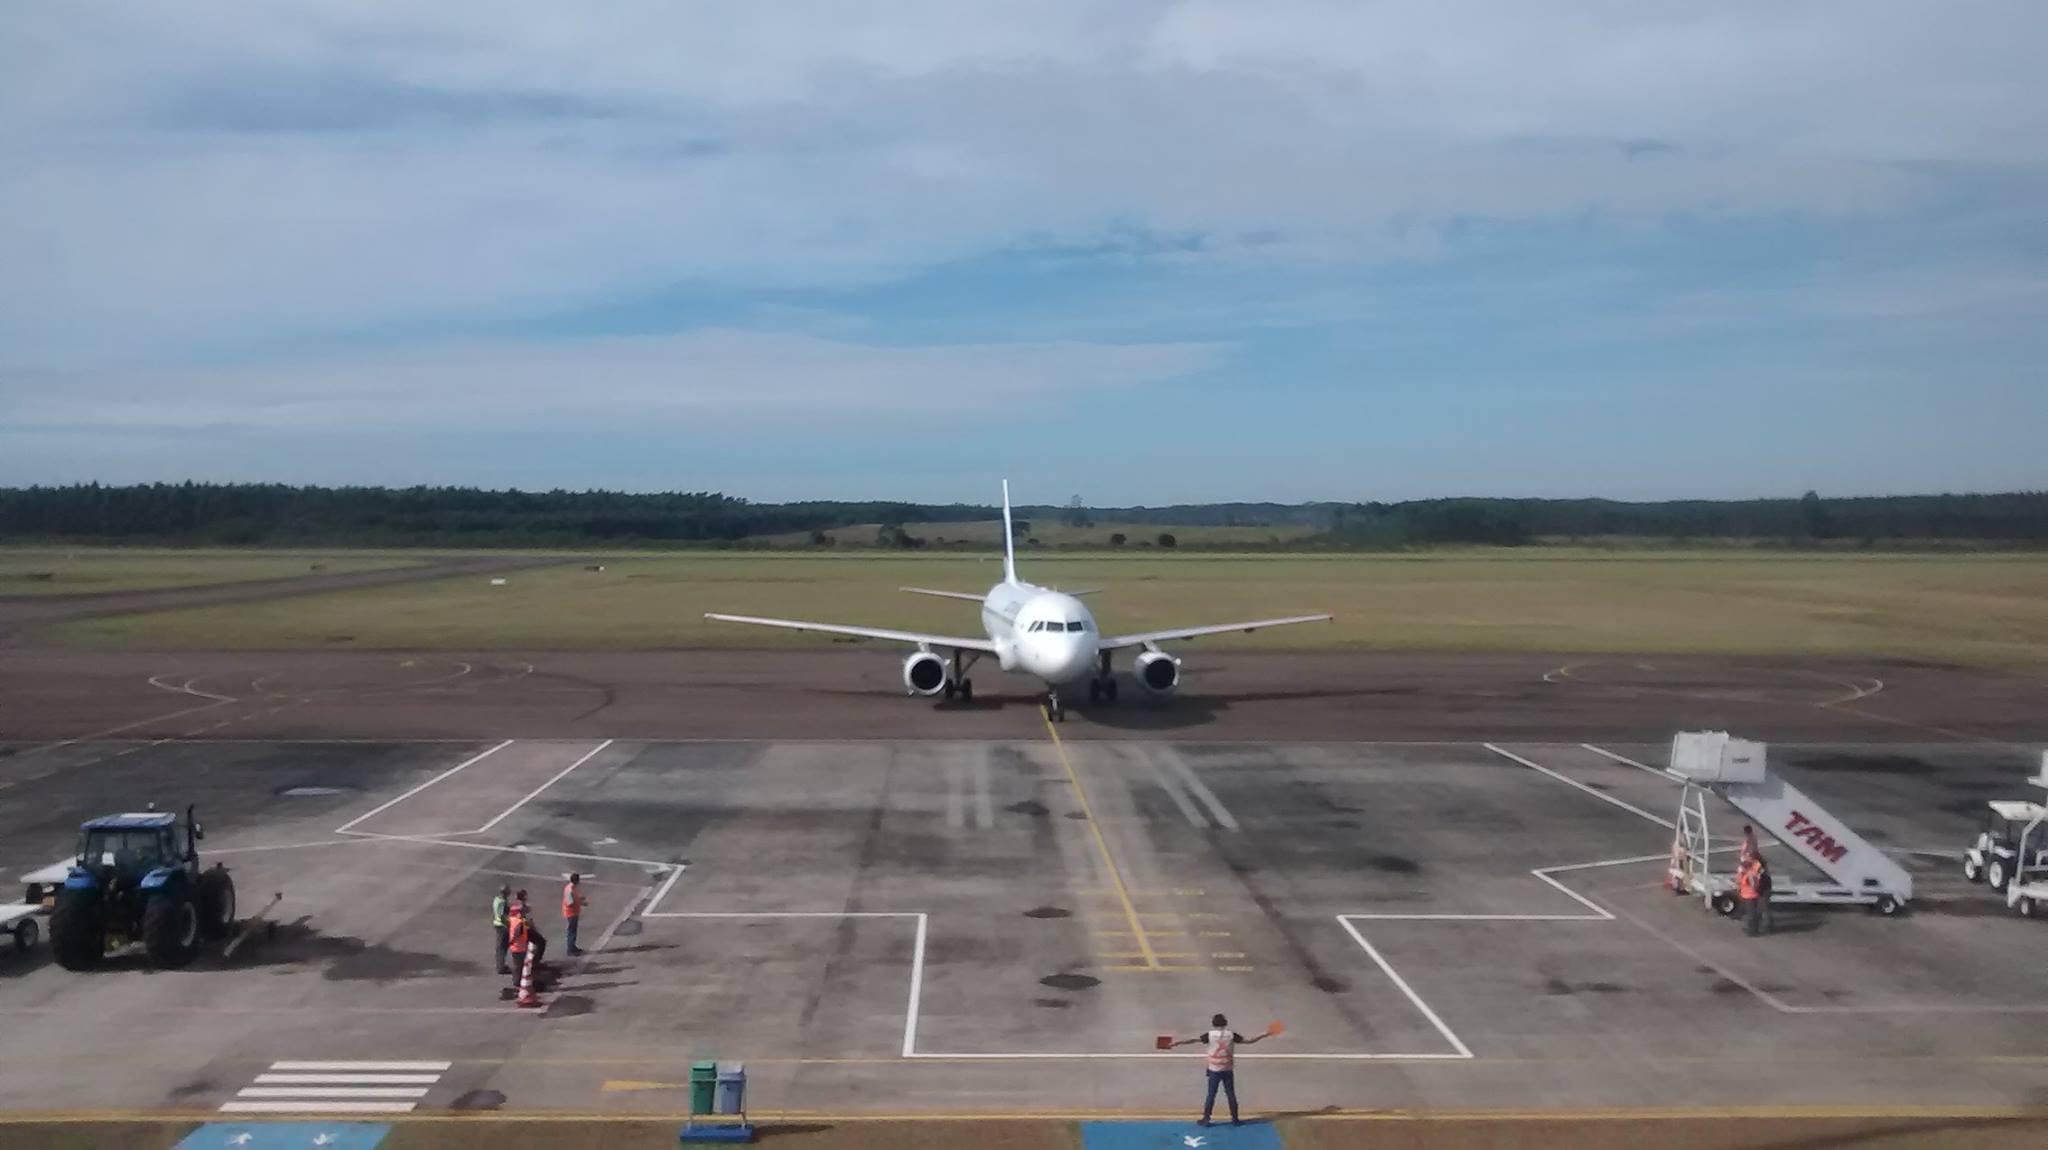 Uma nova companhia aérea poderá atuar no Aeroporto Regional de Jaguaruna